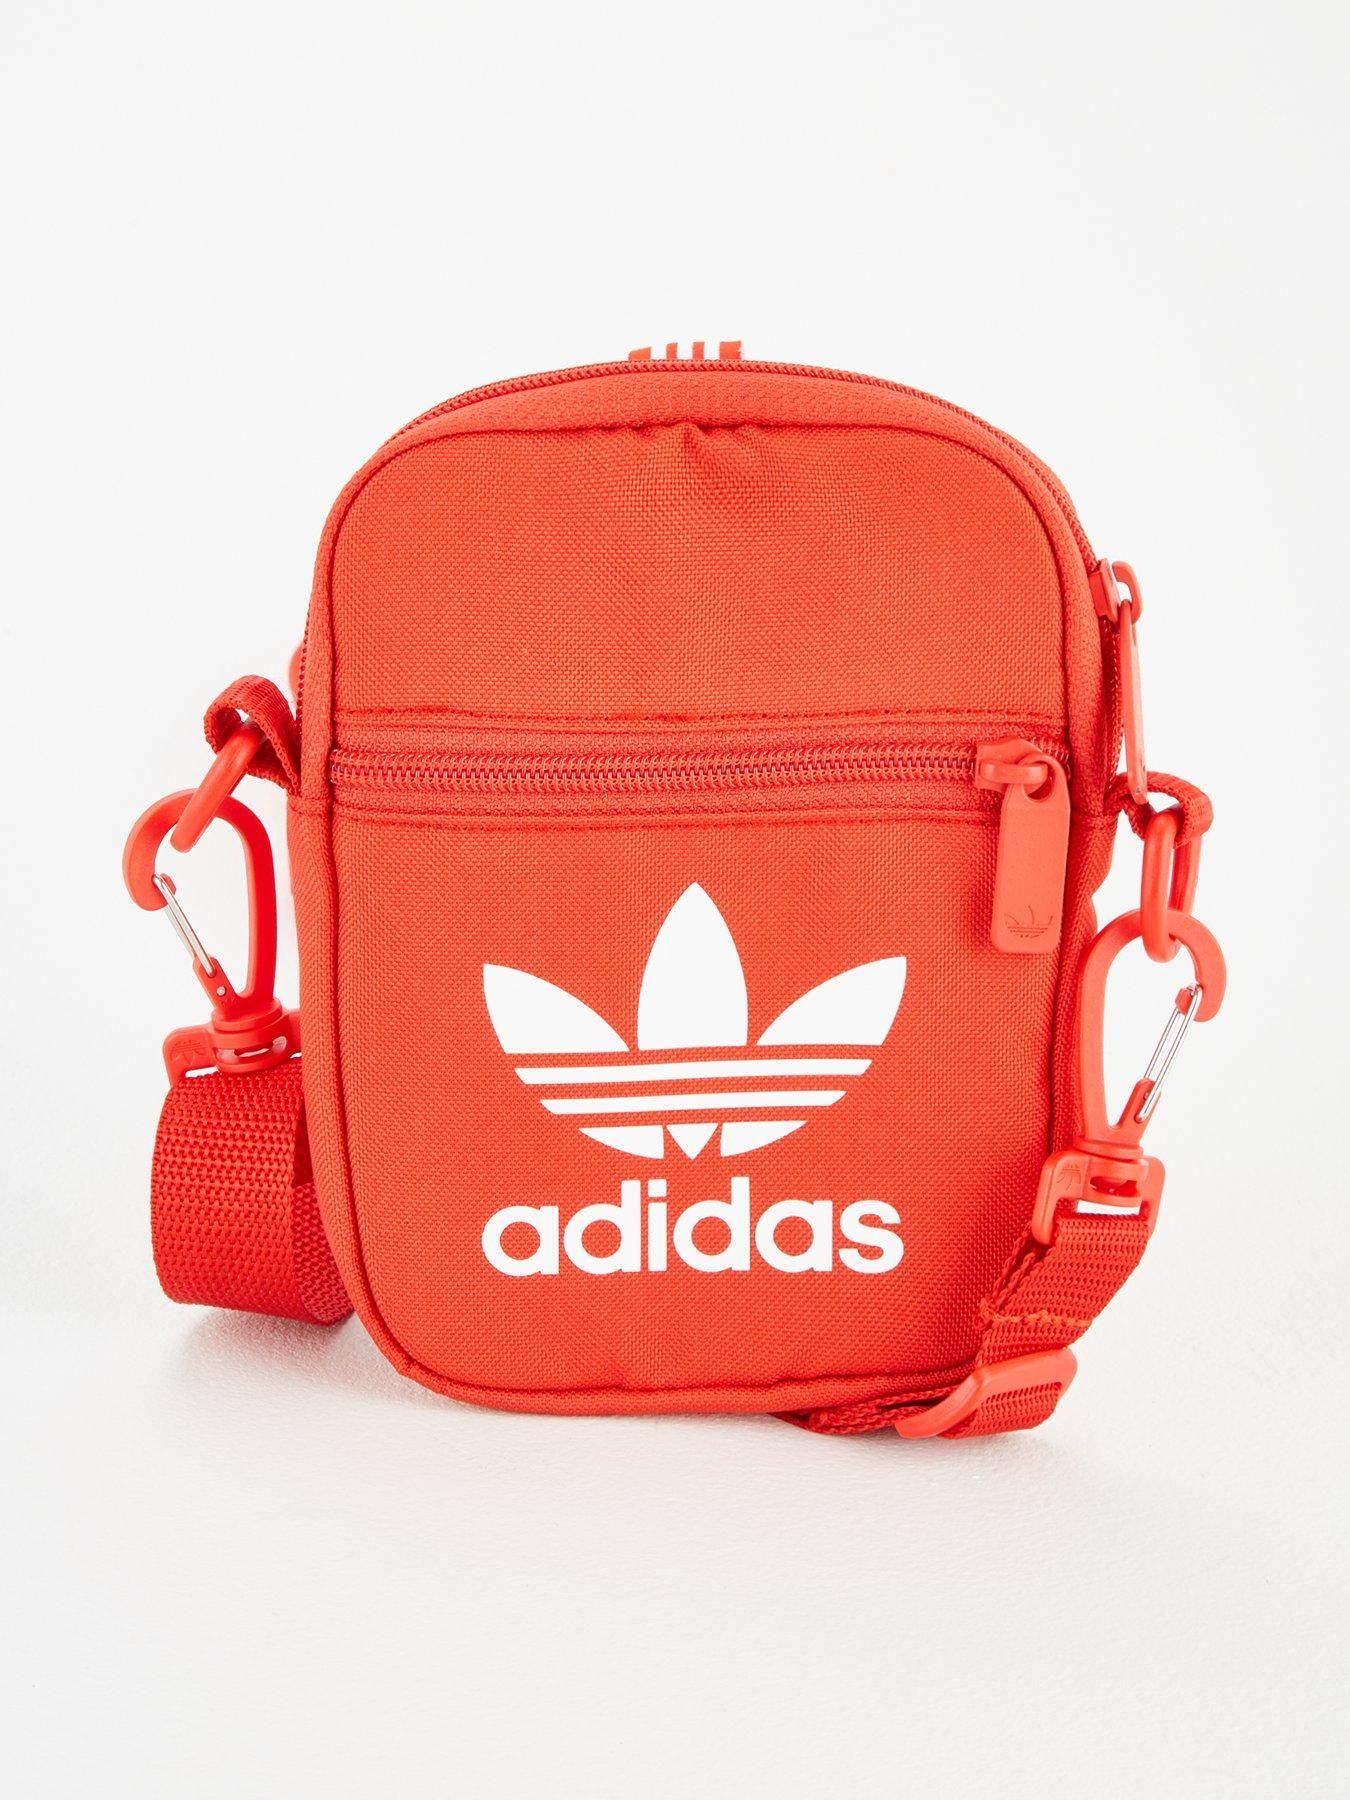 Adidas Festival Bag Red Festival Bag Shoulder Bag Work Bag